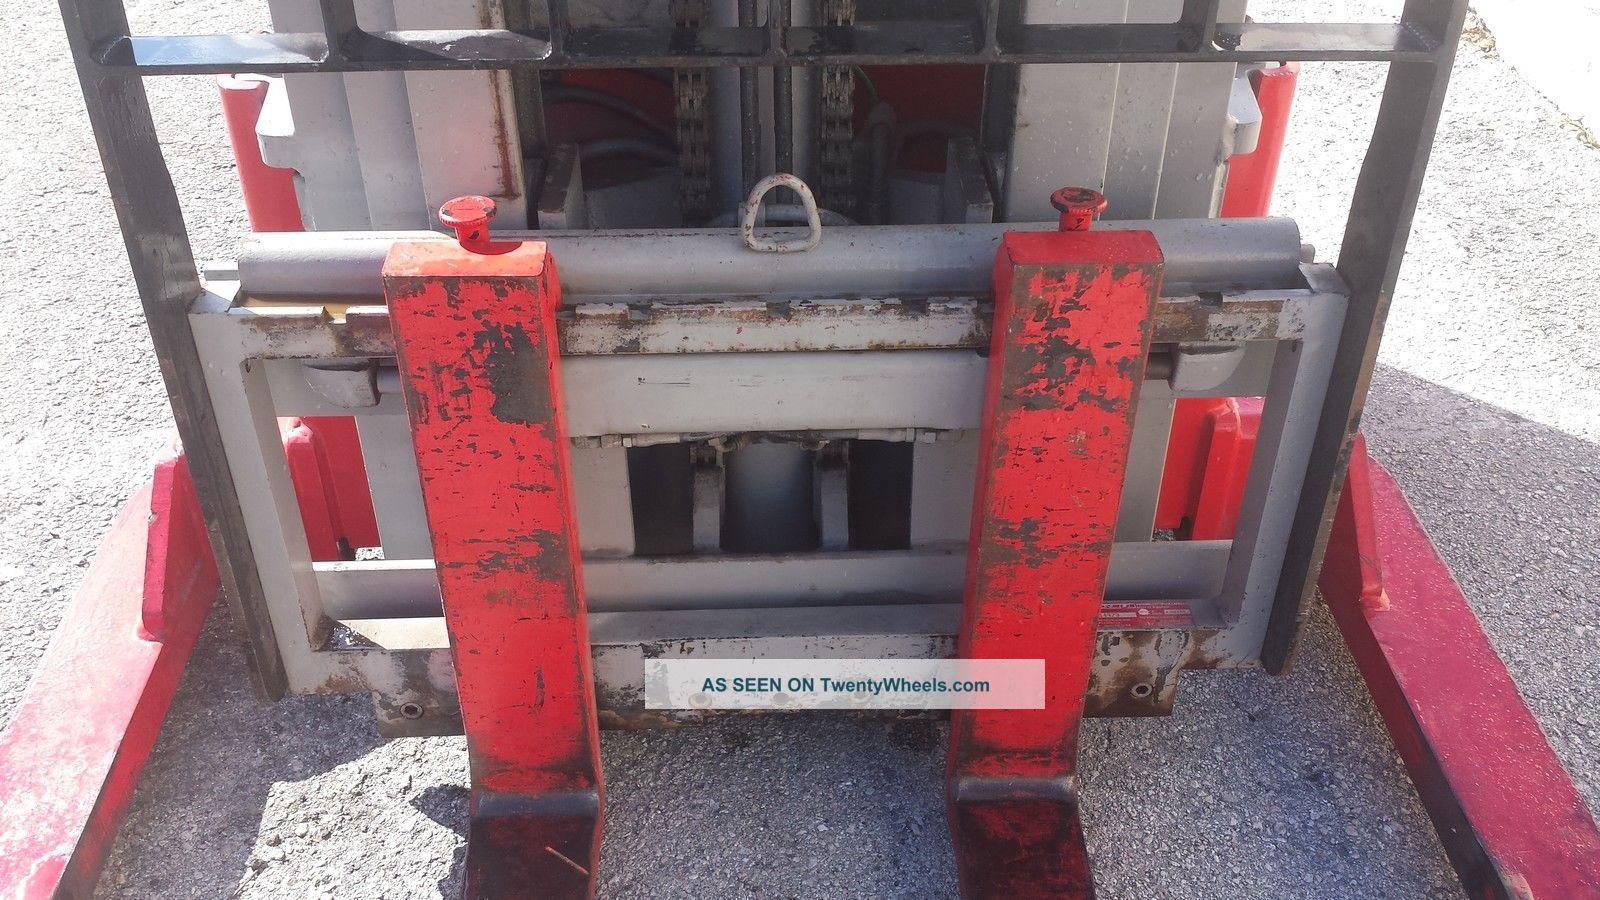 Raymond Forklift Walk Behind Pallet Stacker Dsx40